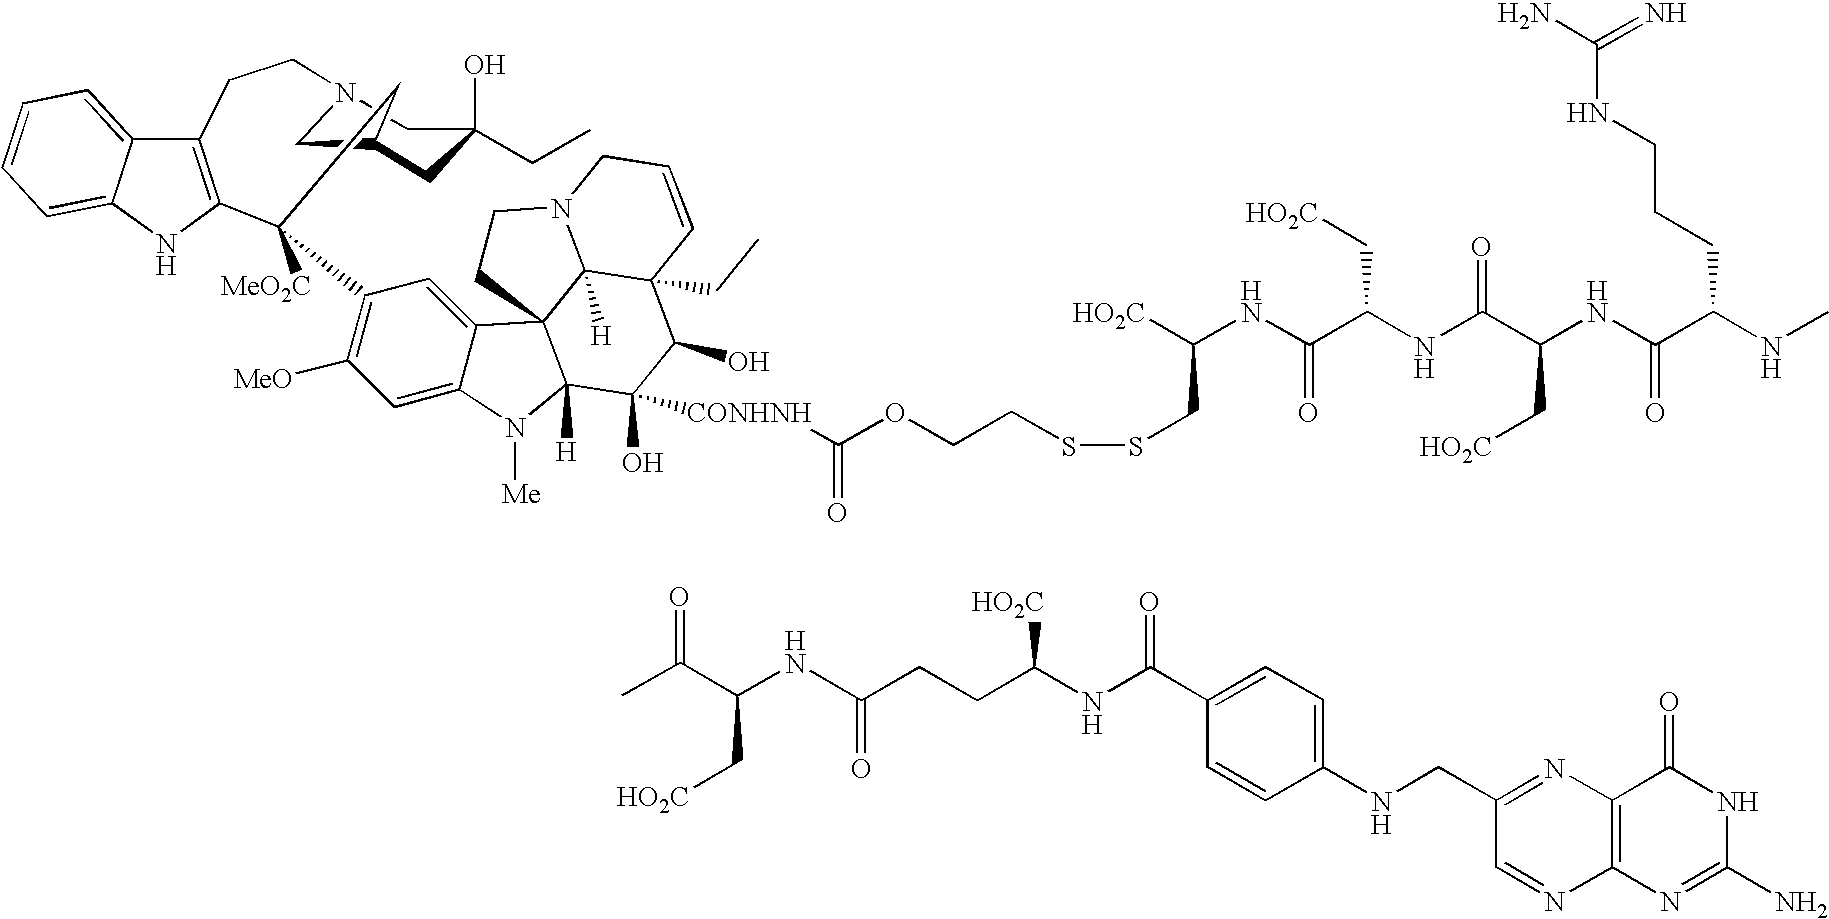 Figure US20100004276A1-20100107-C00185